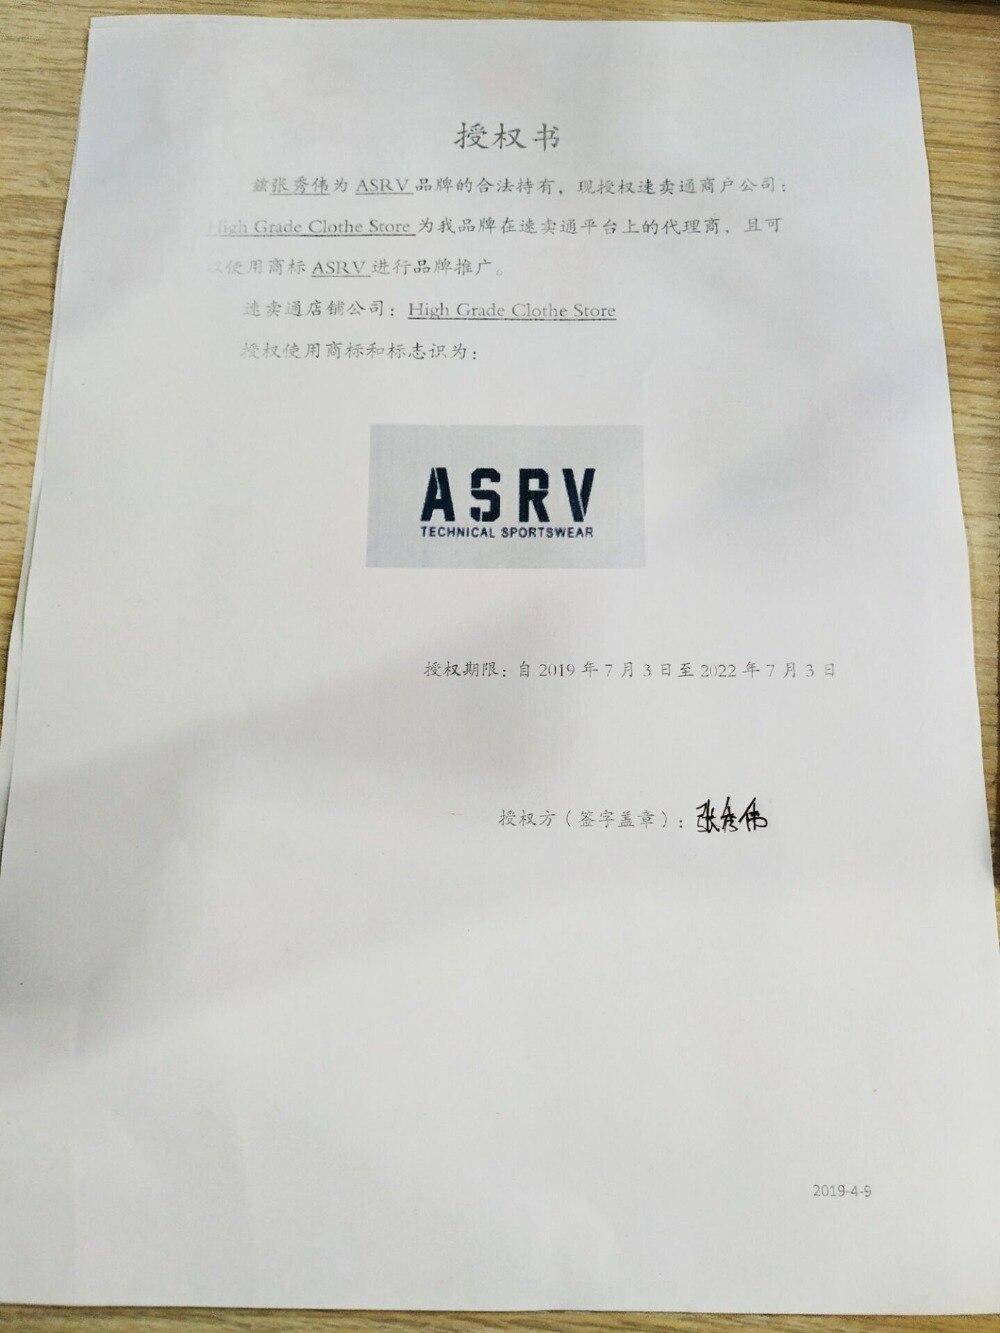 ASRV-1